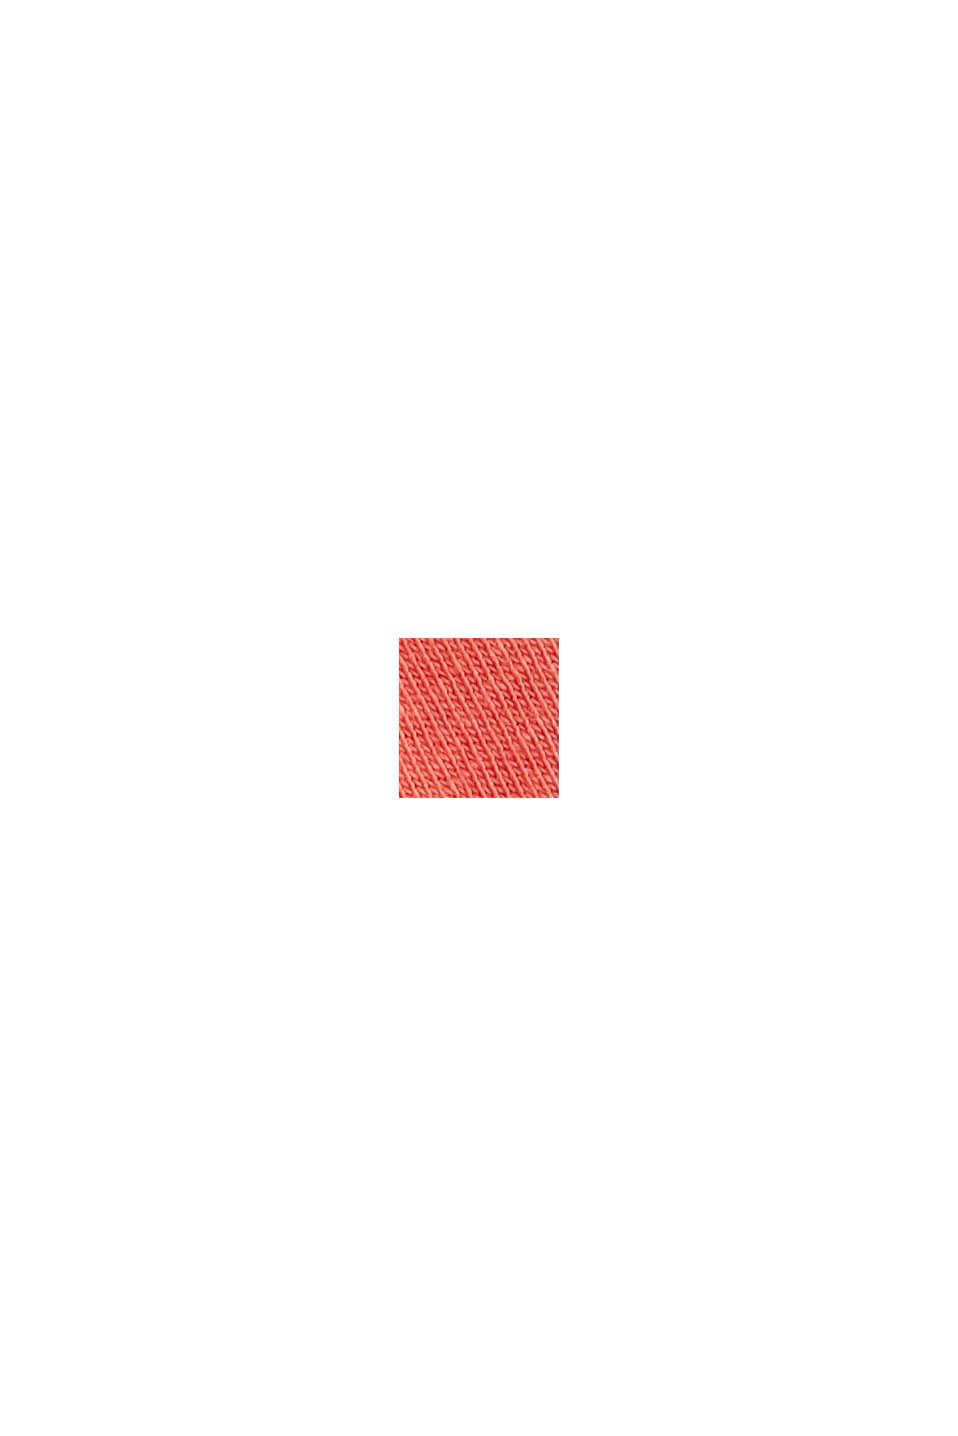 Met linnen: jersey shirt met zak, CORAL RED, swatch